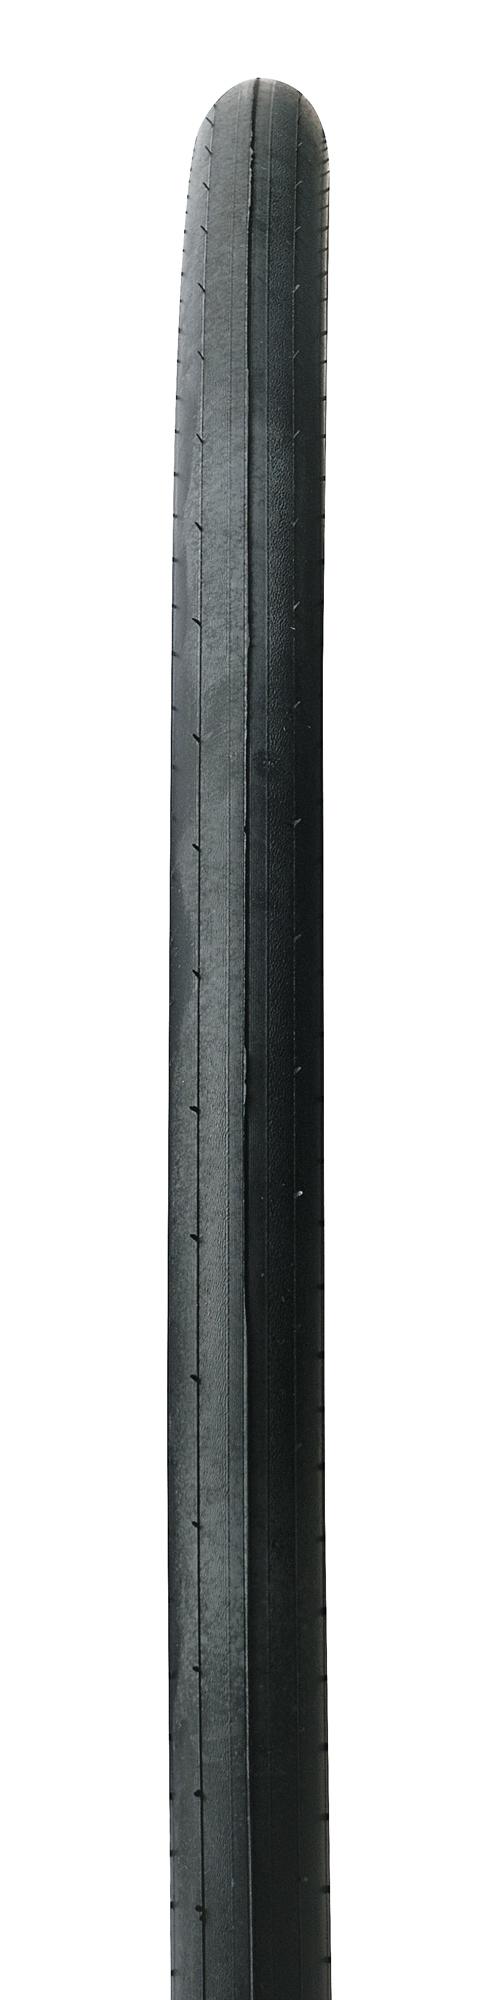 plášť HUTCH.EQUINOX 700x23 drát, černý